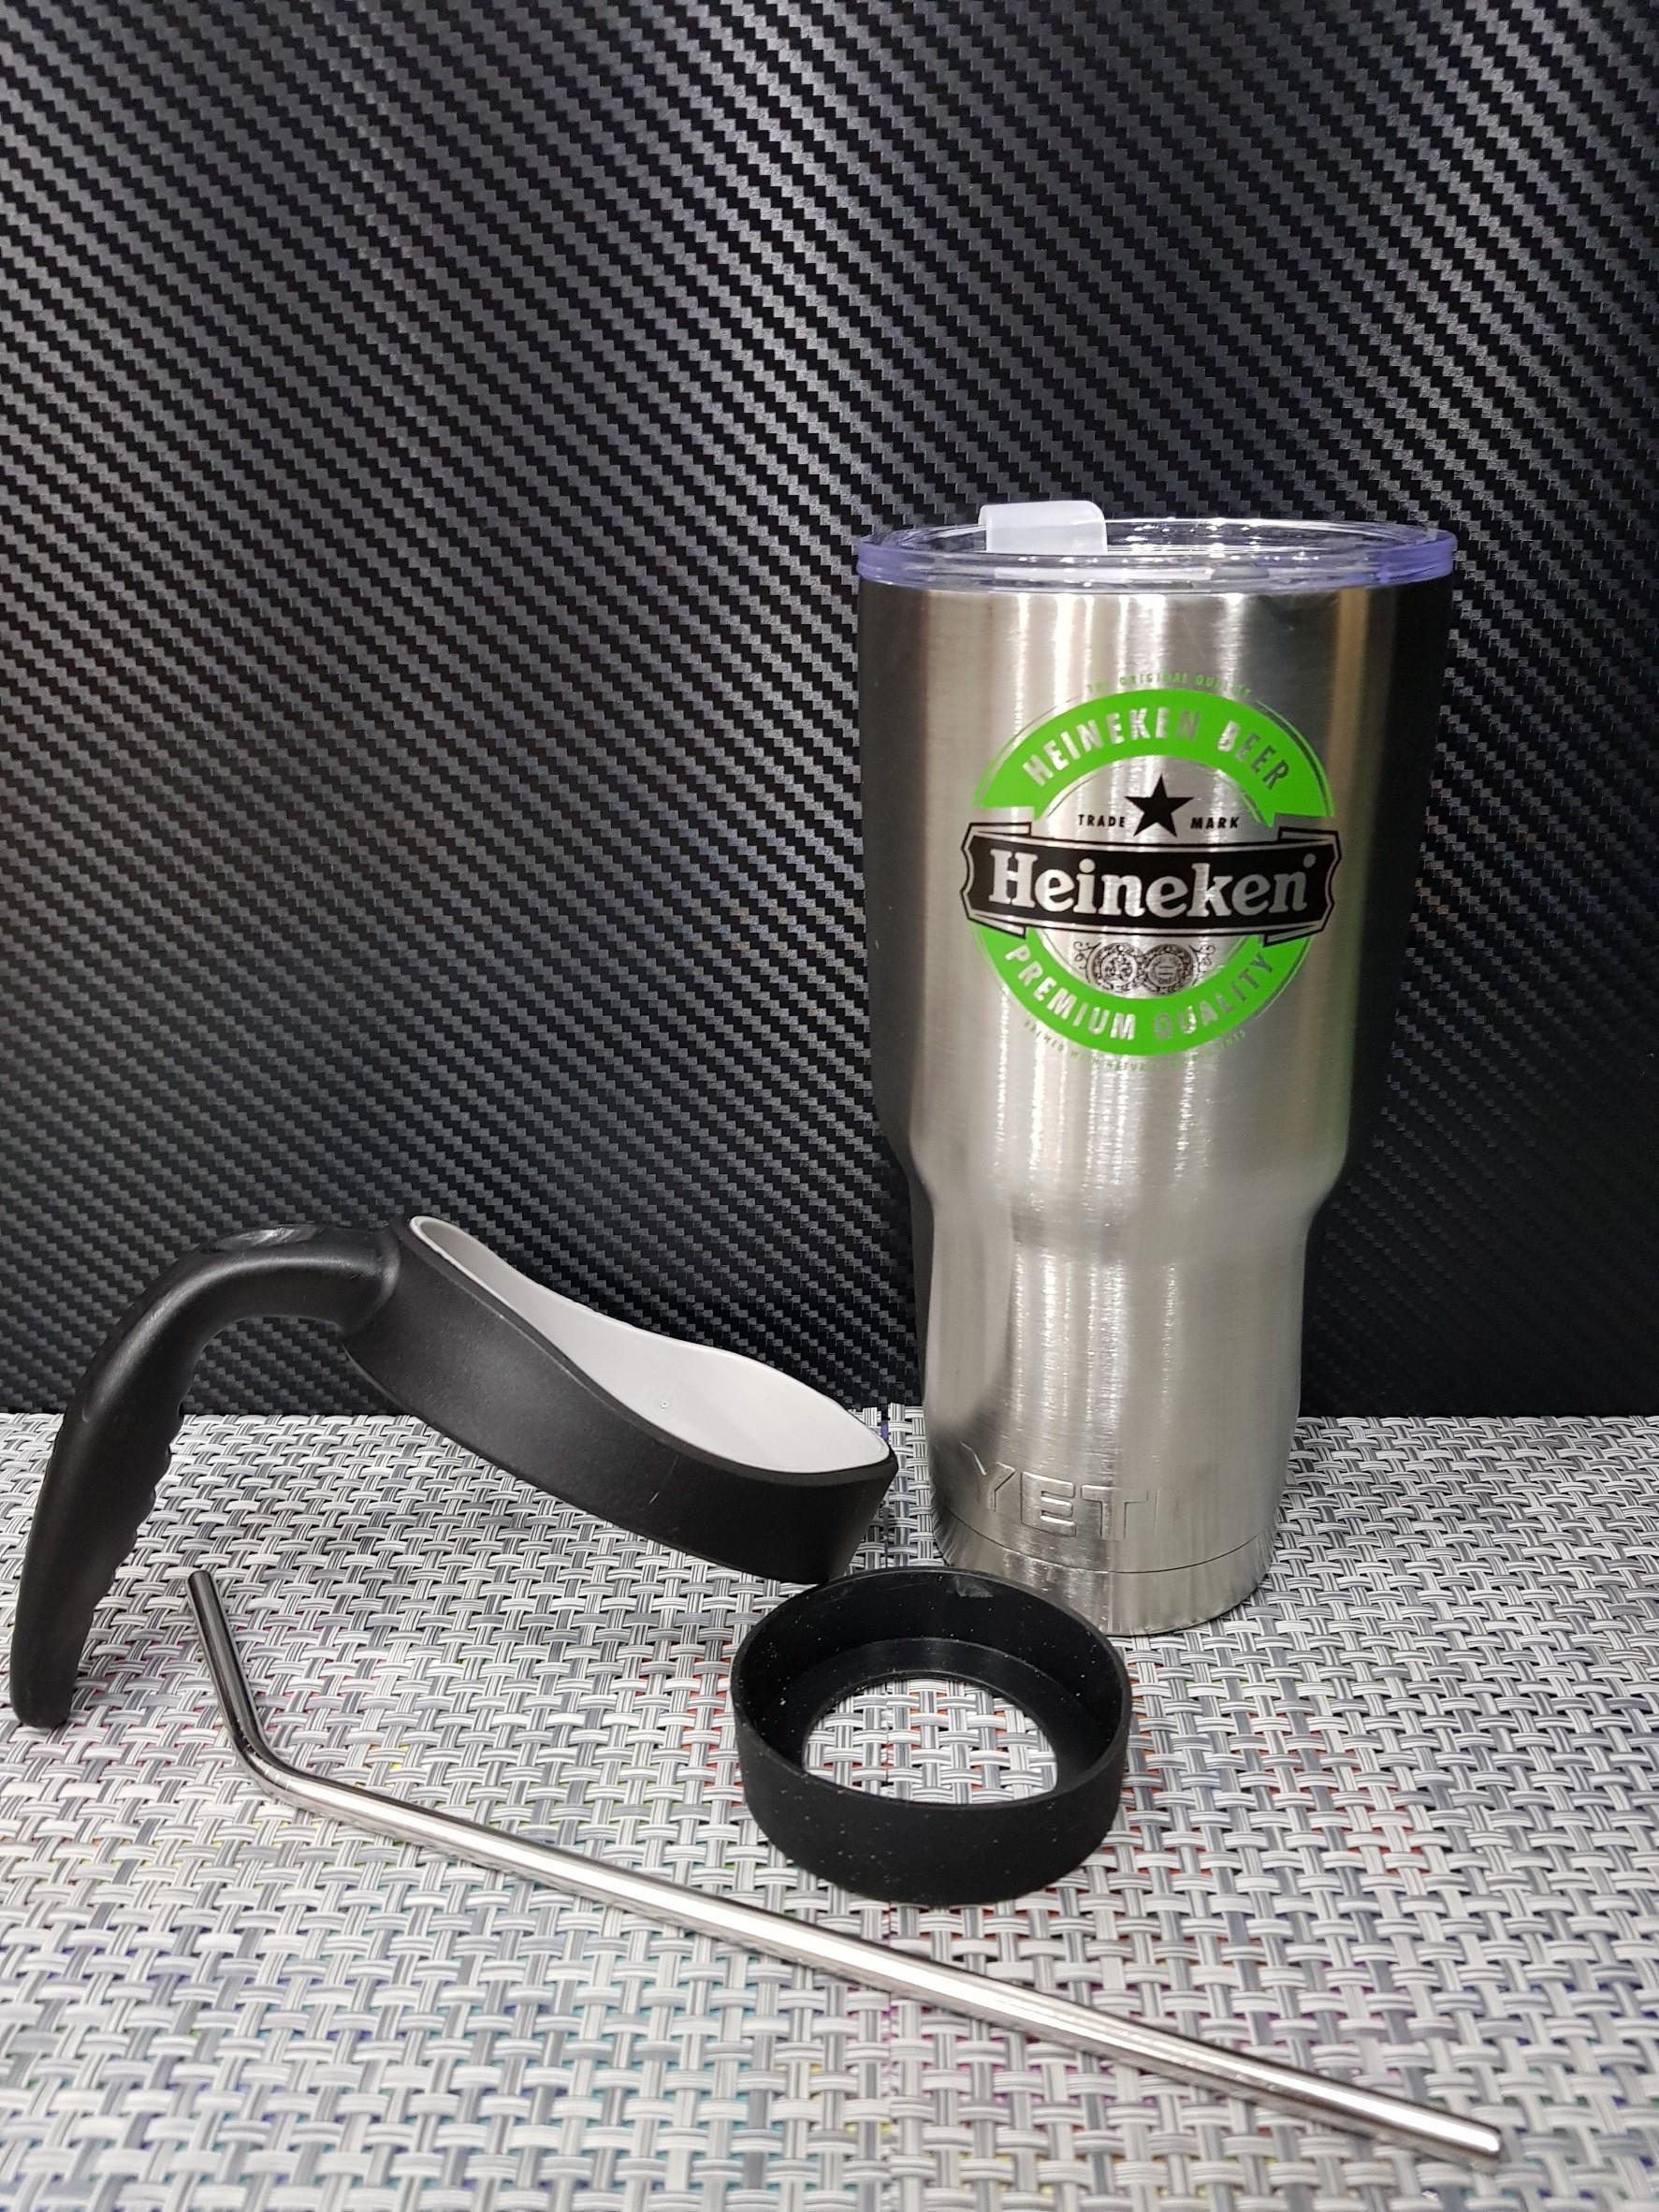 ชุดแก้วเยติ 30 ออนซ์ พื้นสีเงิน โลโก้ Heineken สีเขียวสลับดำ